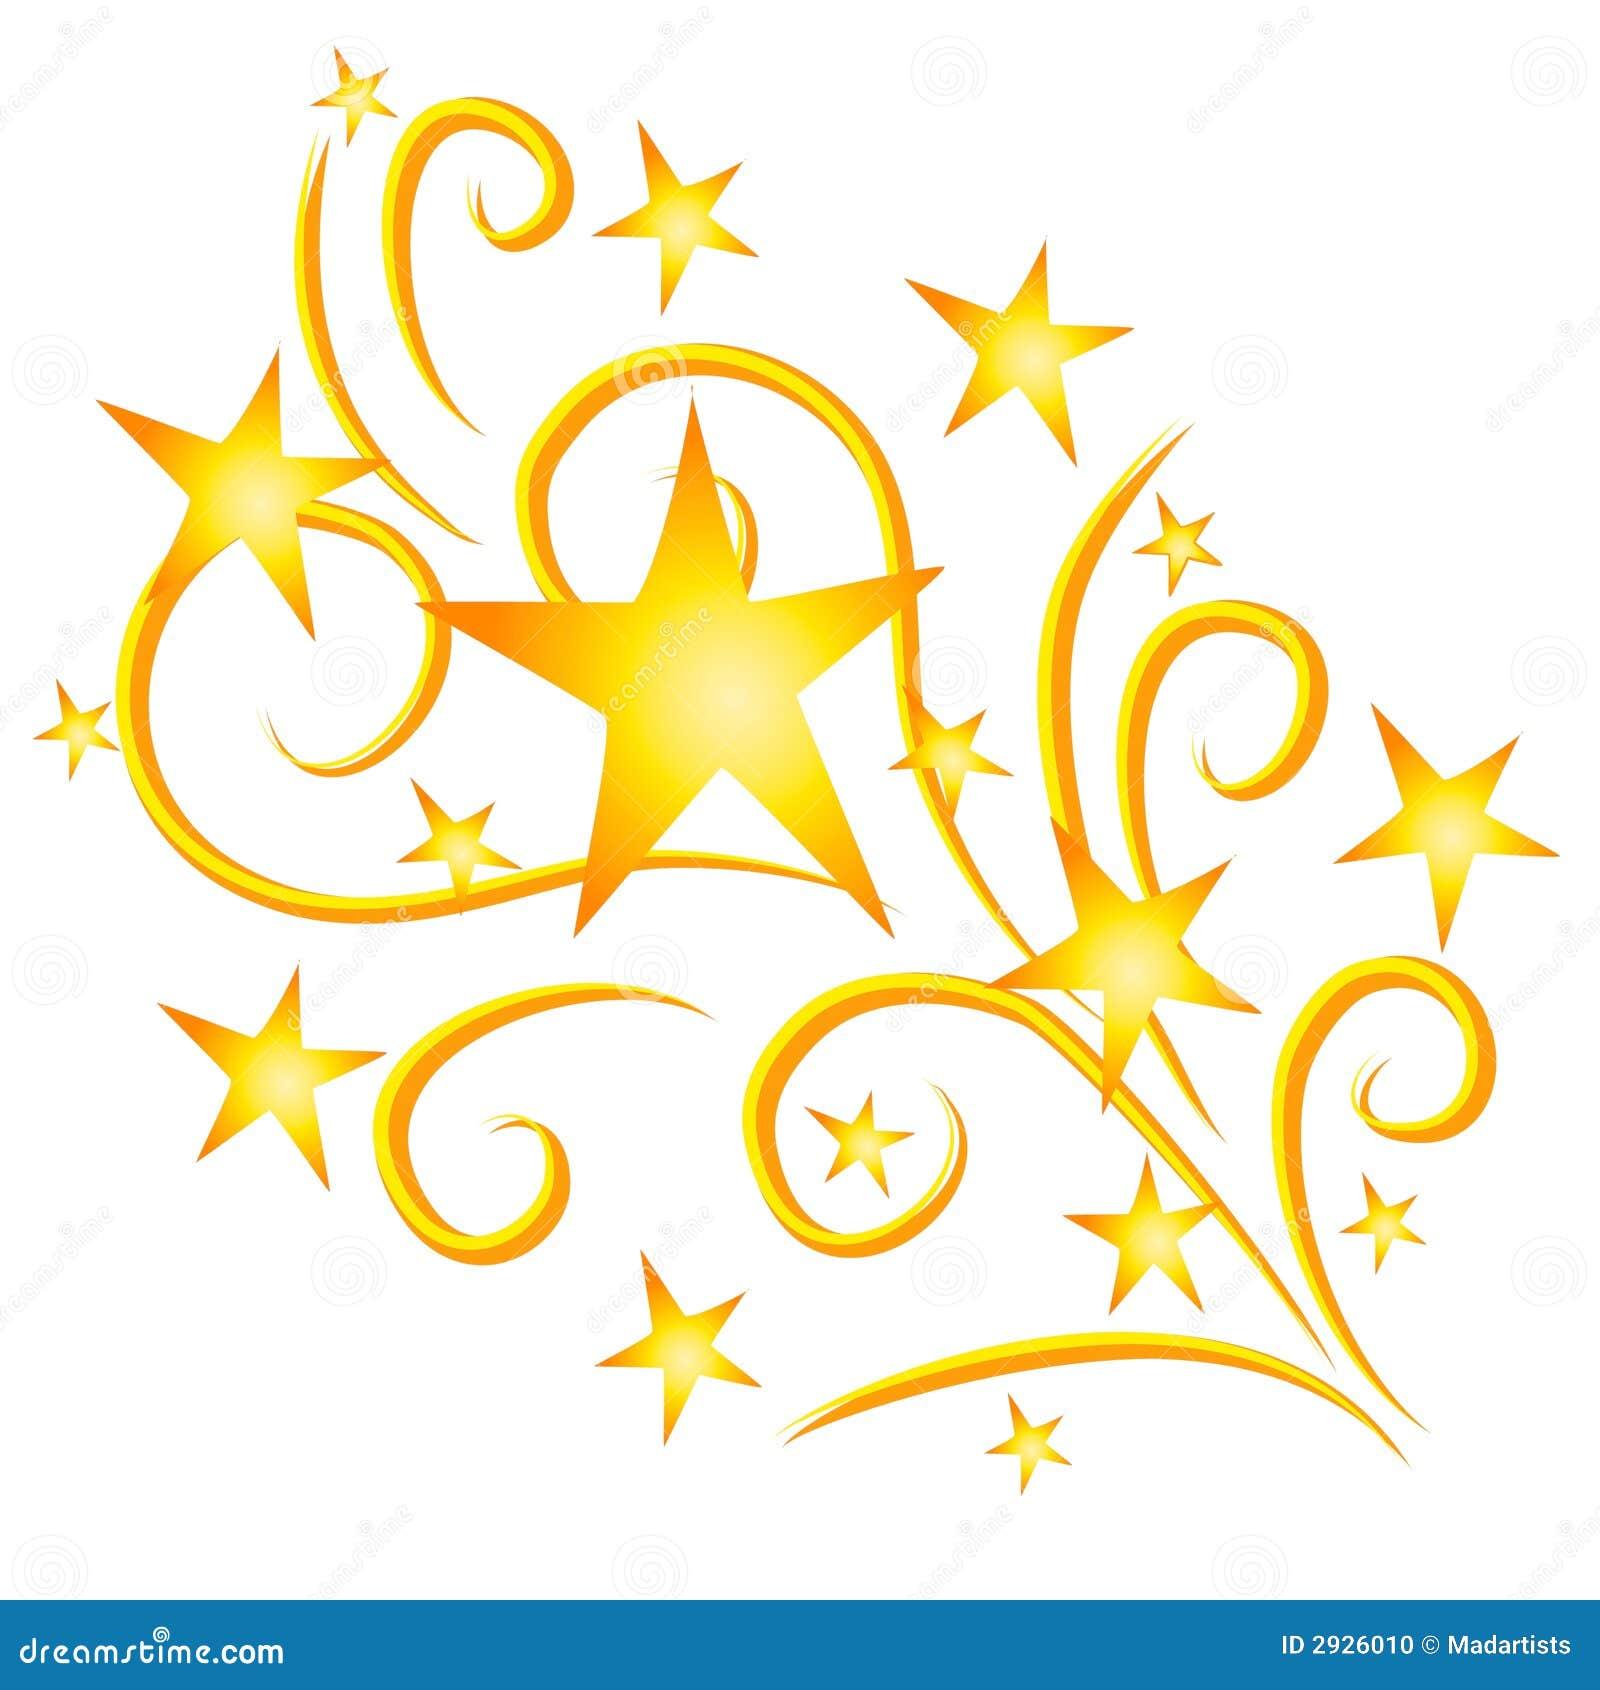 Złote fajerwerk spadające gwiazdy